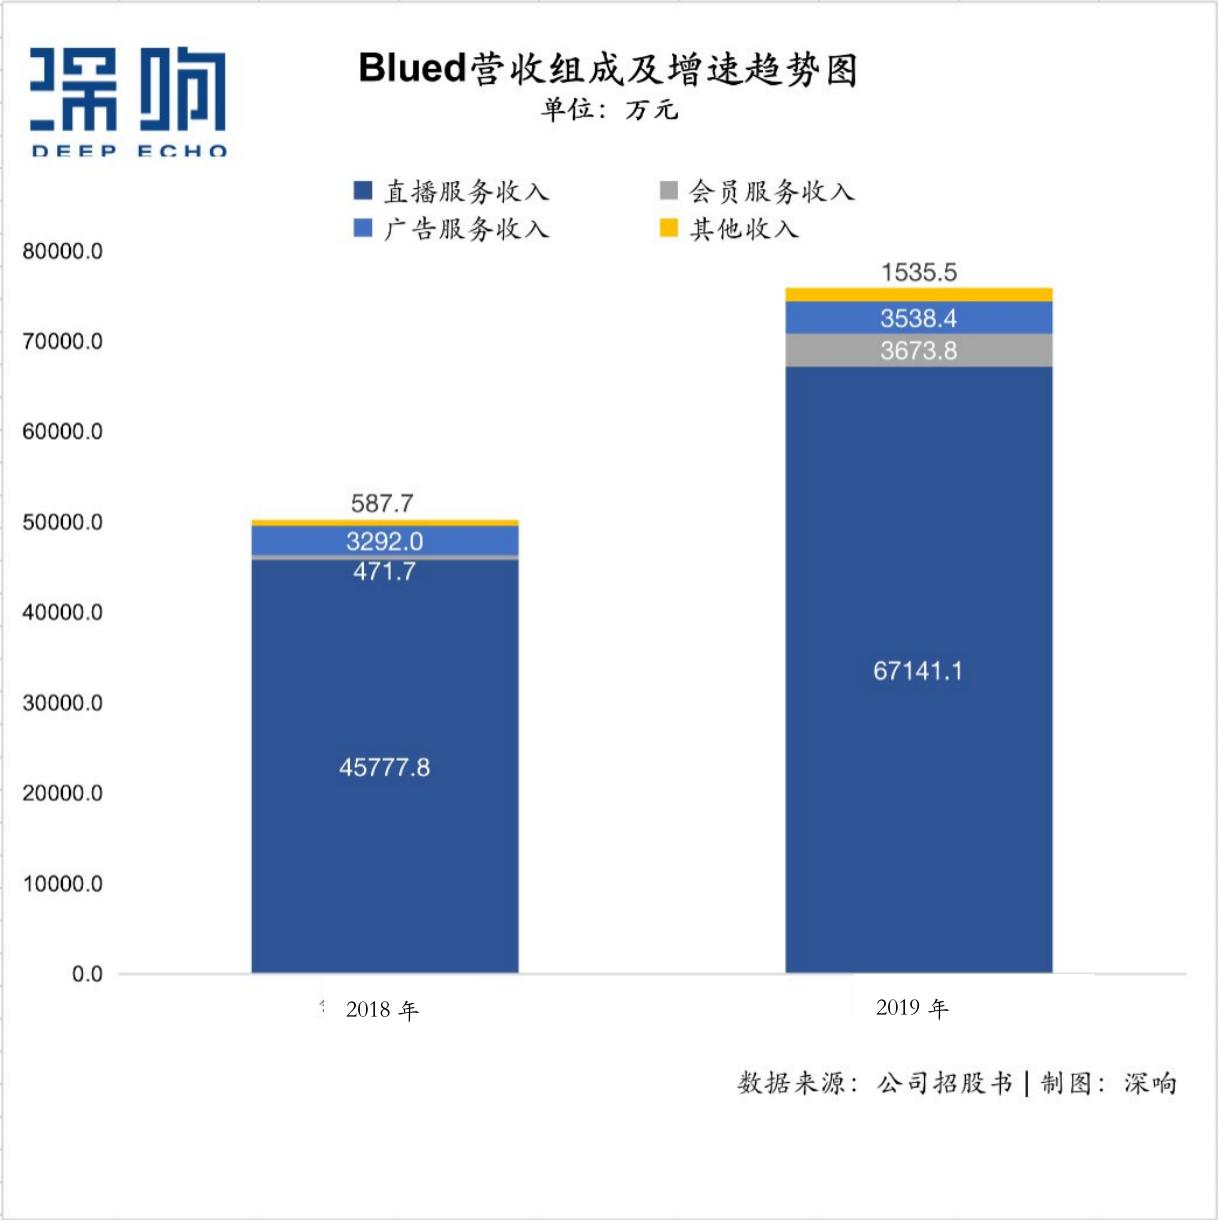 超4900万用户、年入7.59亿,赴美IPO的Blued价值几许?